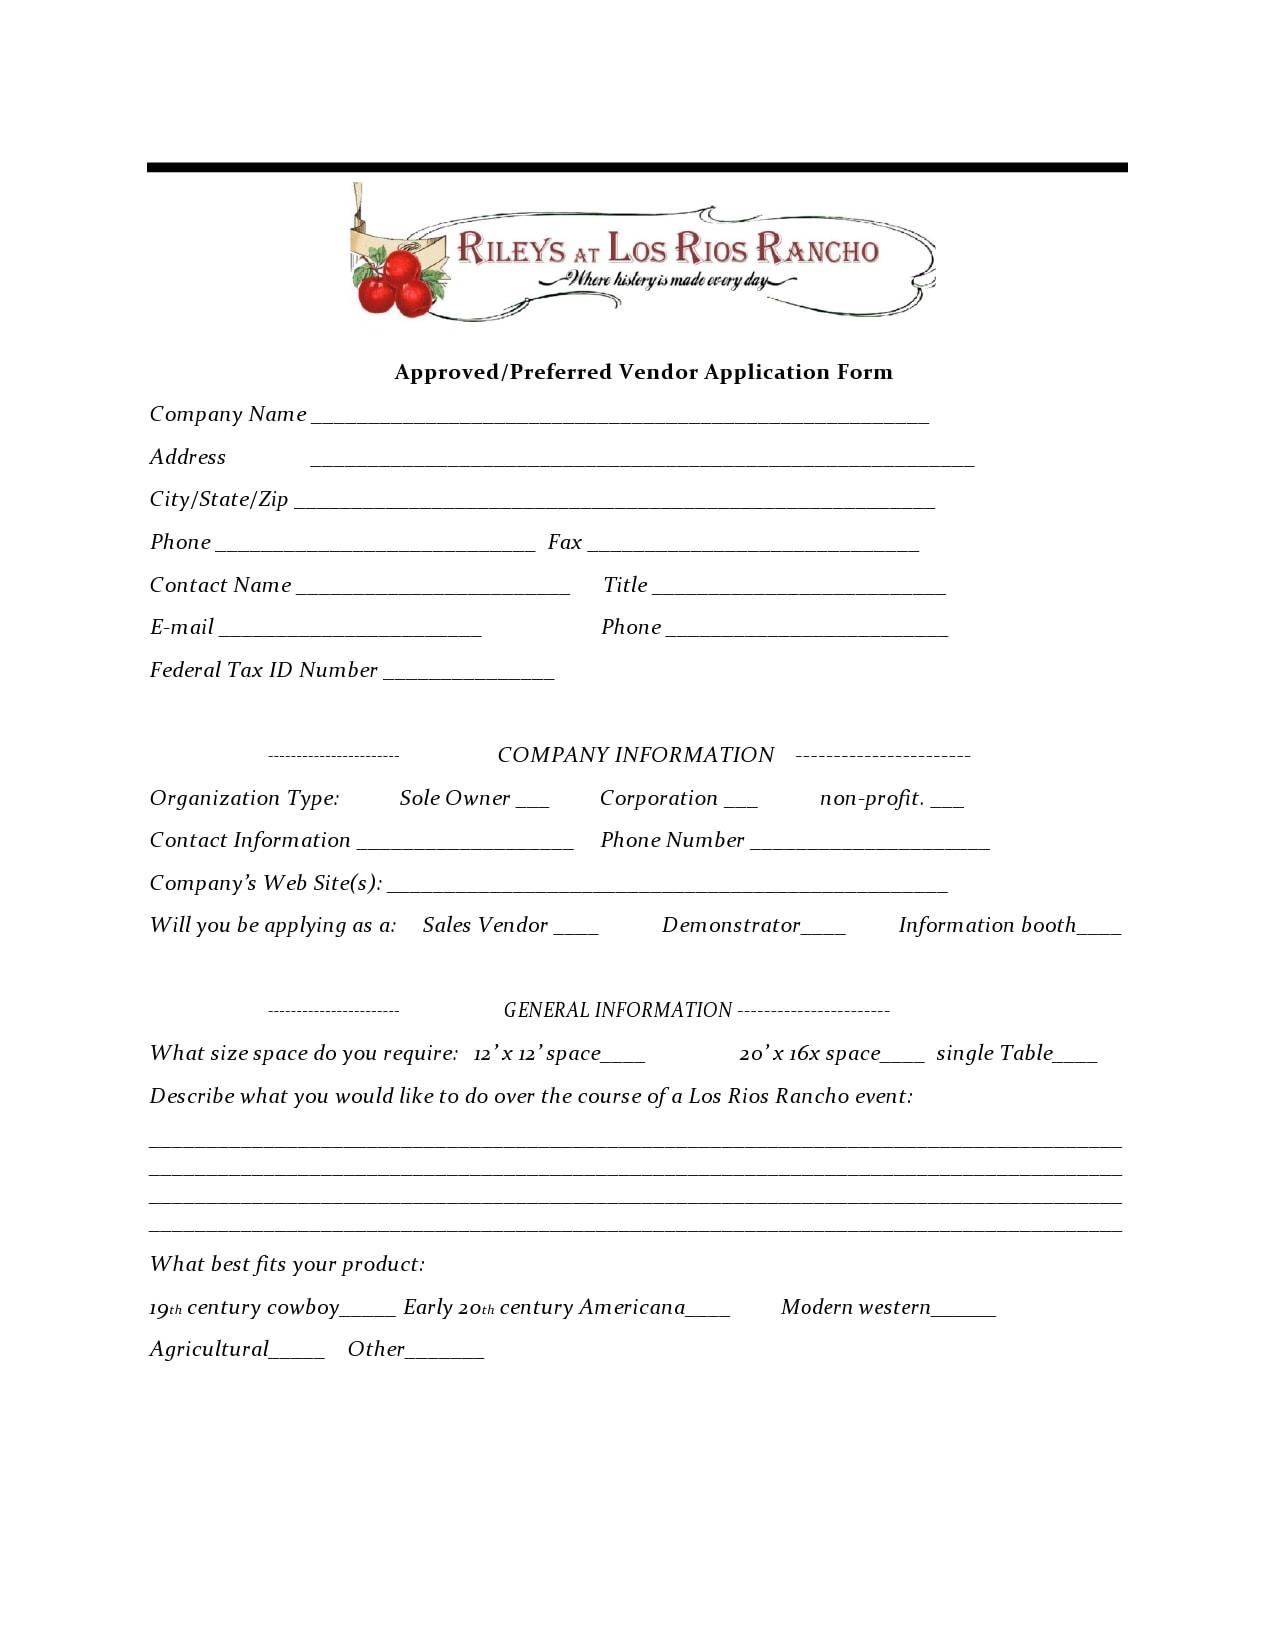 vendor application form 01